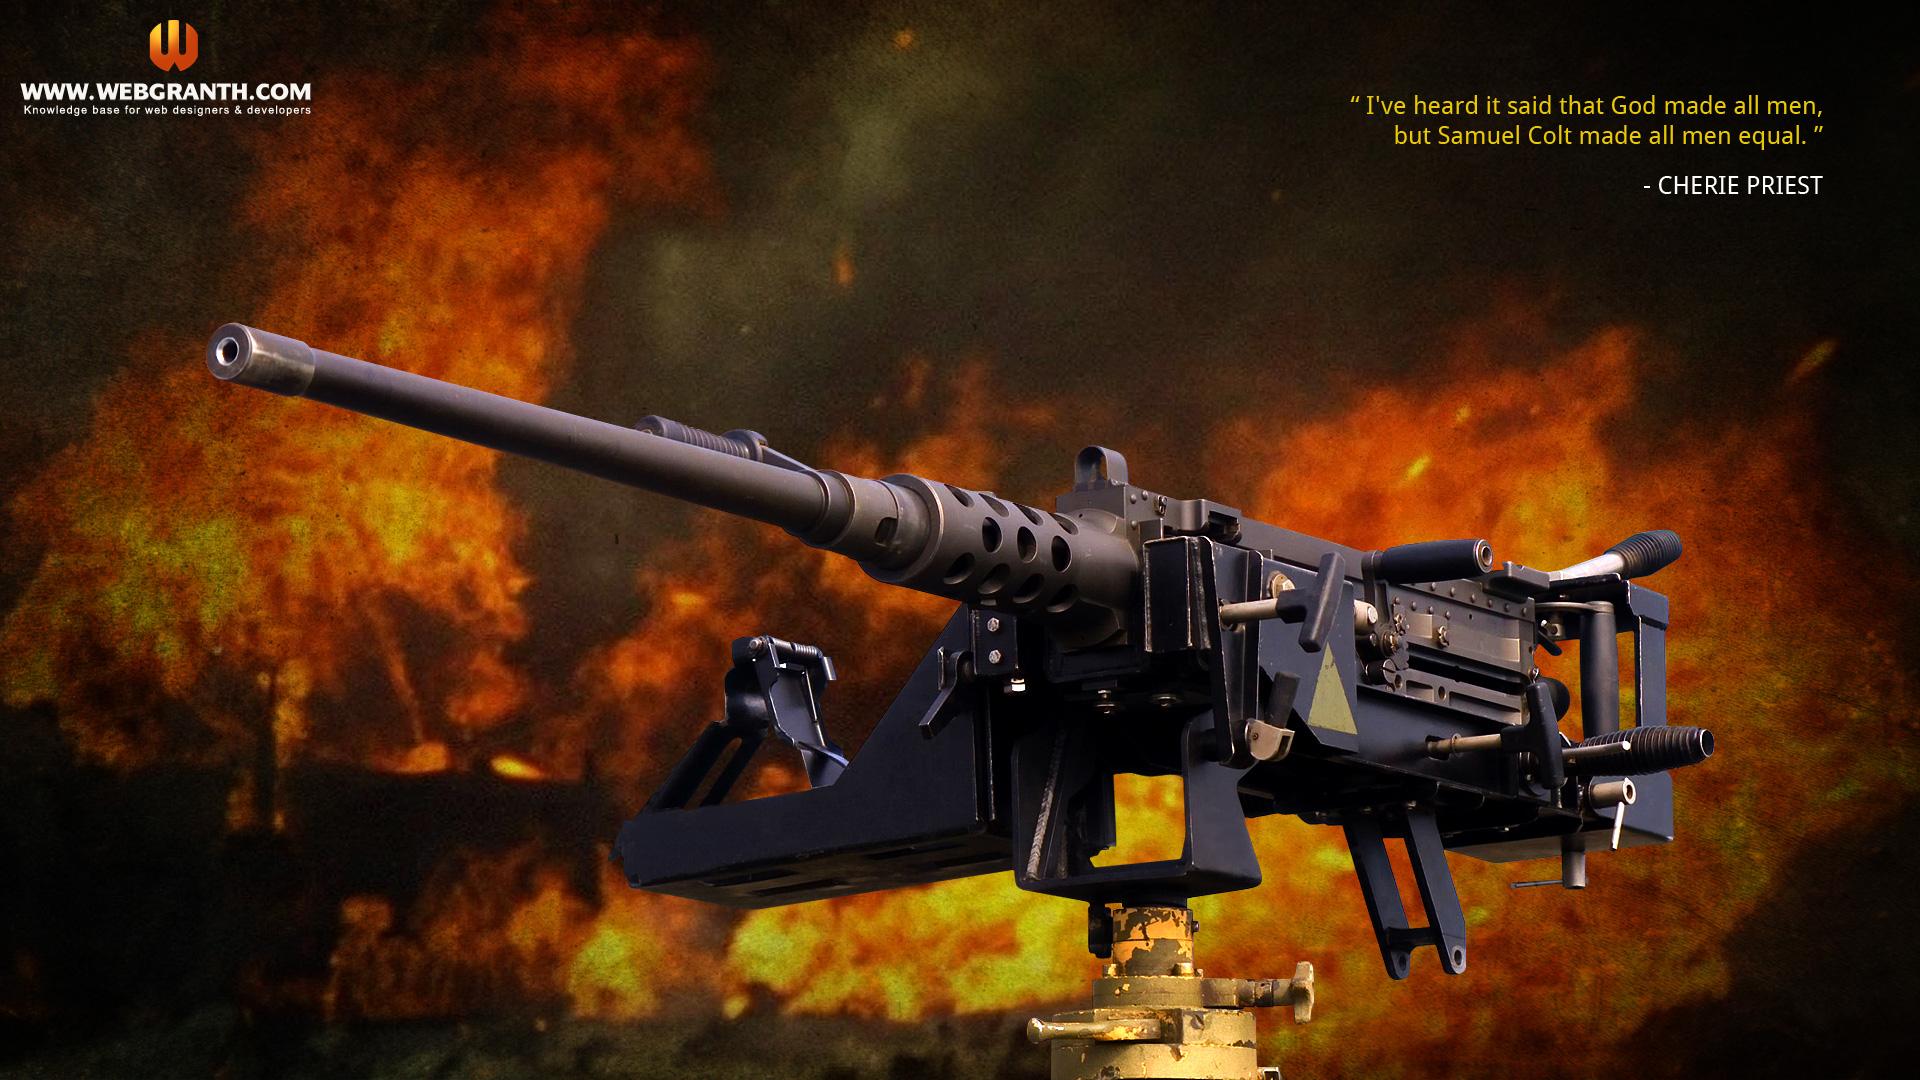 Best Guns Weapons Wallpapers Download Gun Wallpapers 2013 1920x1080